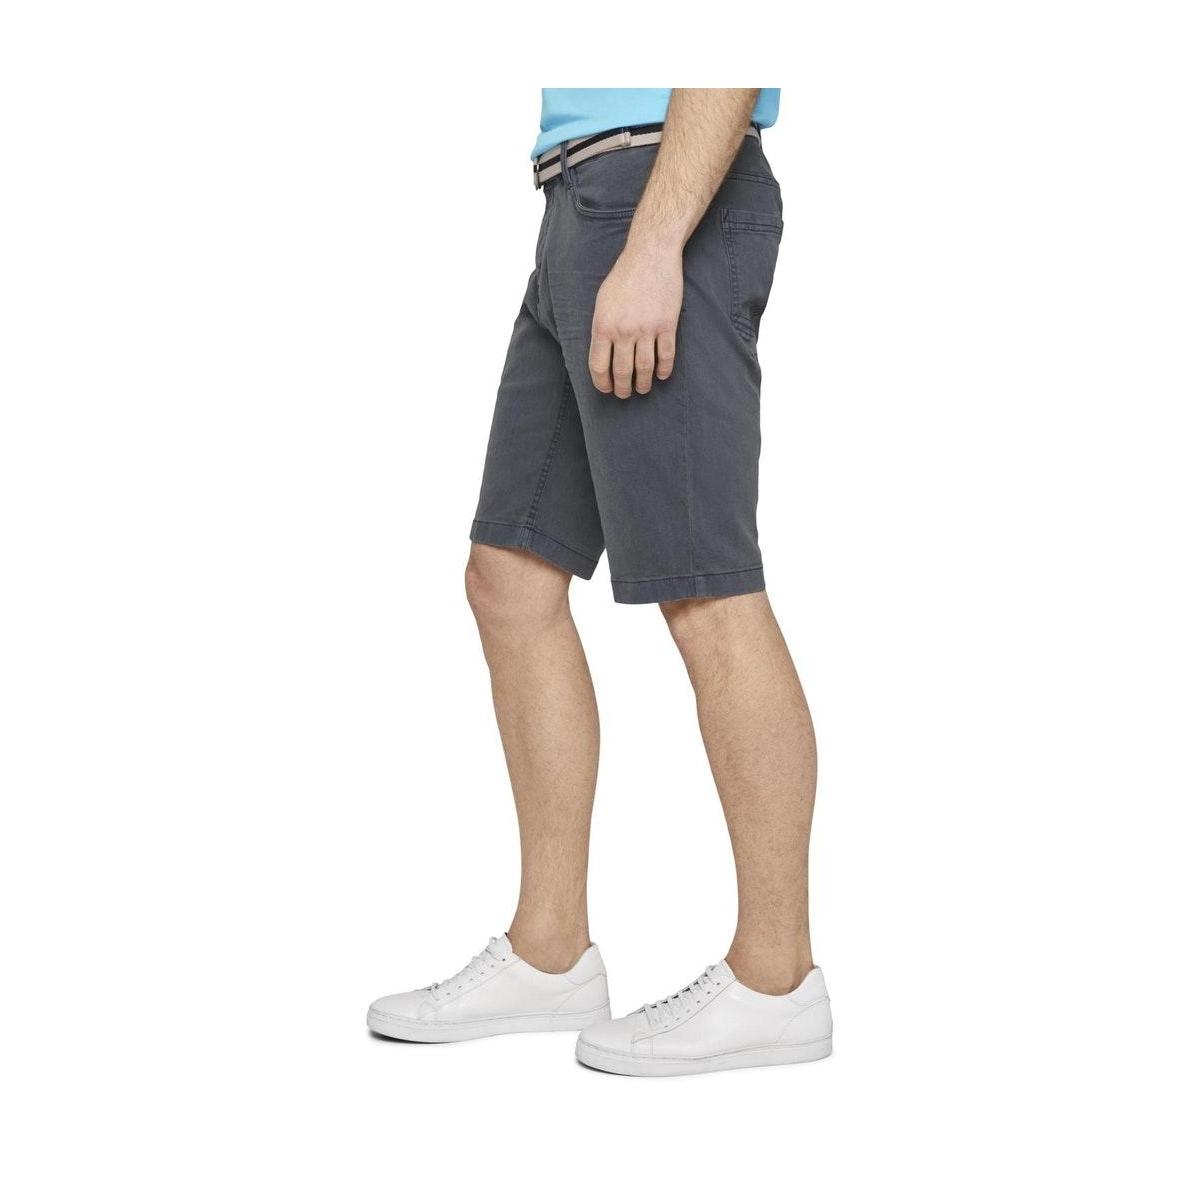 josh regular jeans shorts met riem 1016221xx10 tom tailor korte broek 10668